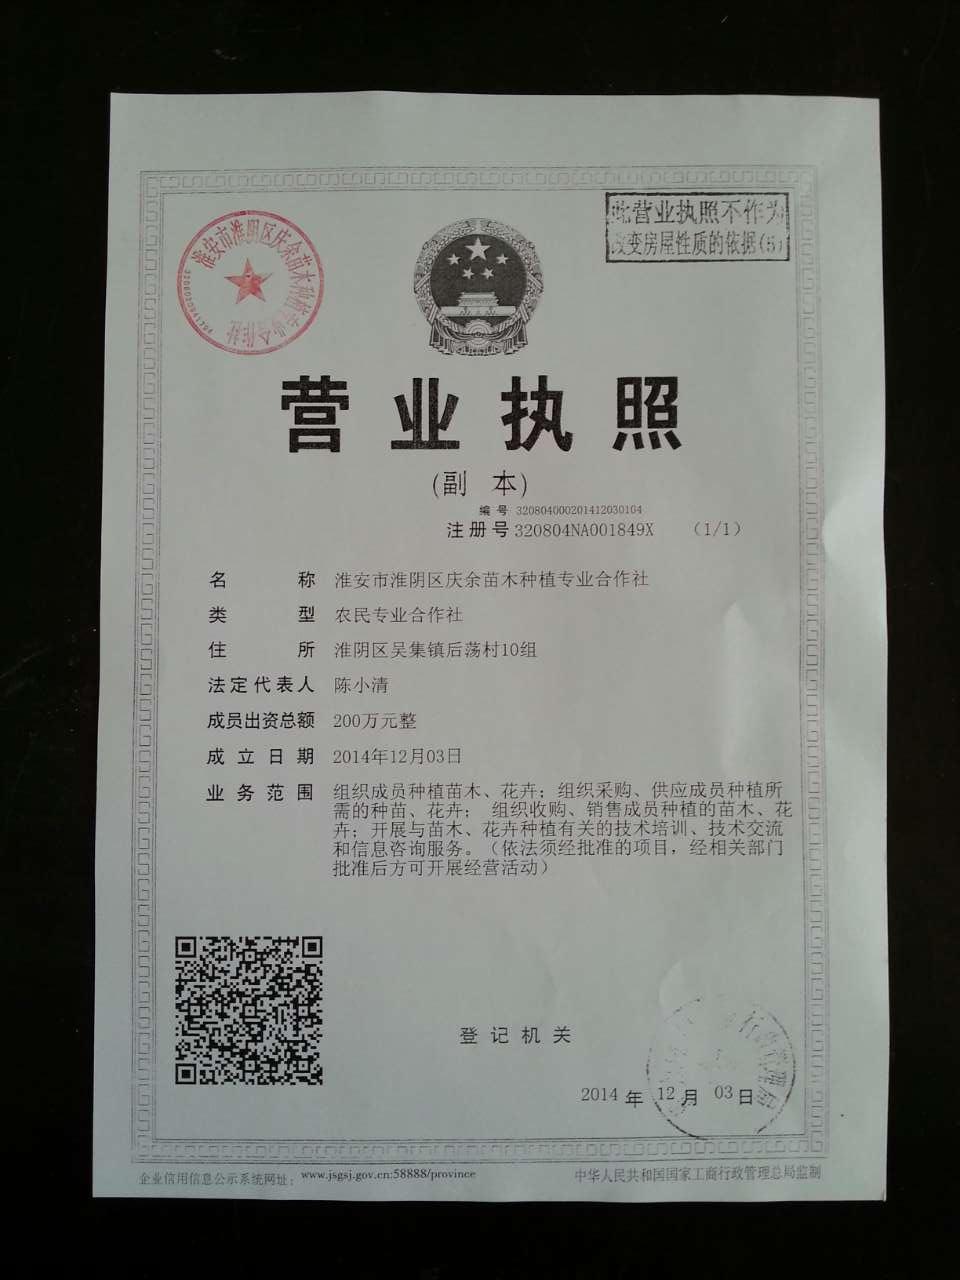 淮安市淮阴区庆余苗木种植专业合作社